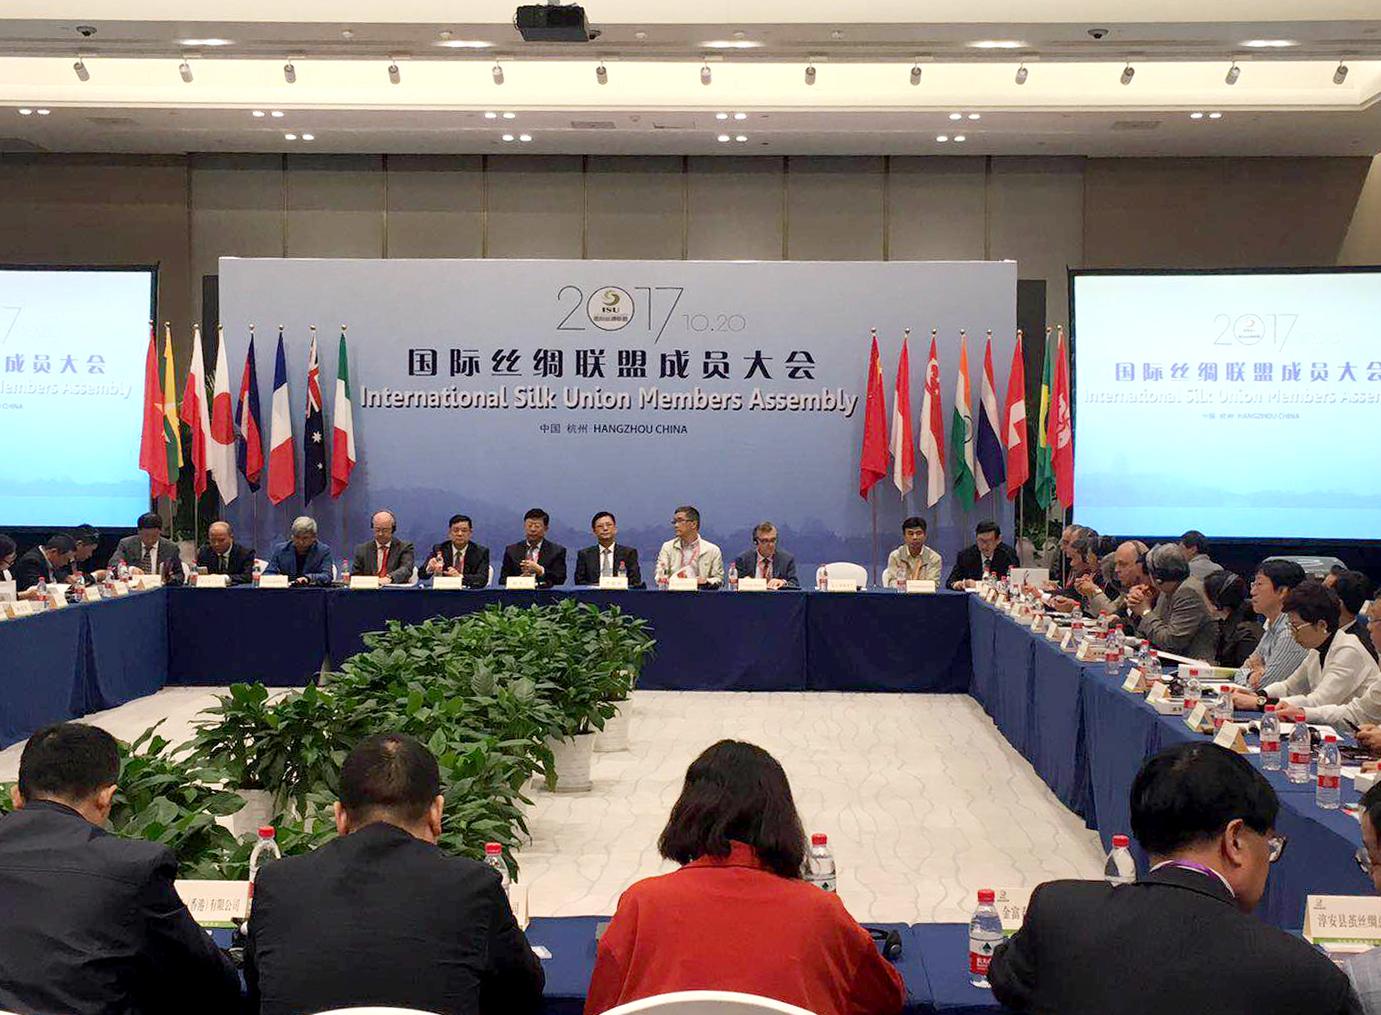 2017年国际丝绸联盟成员大会隆重召开